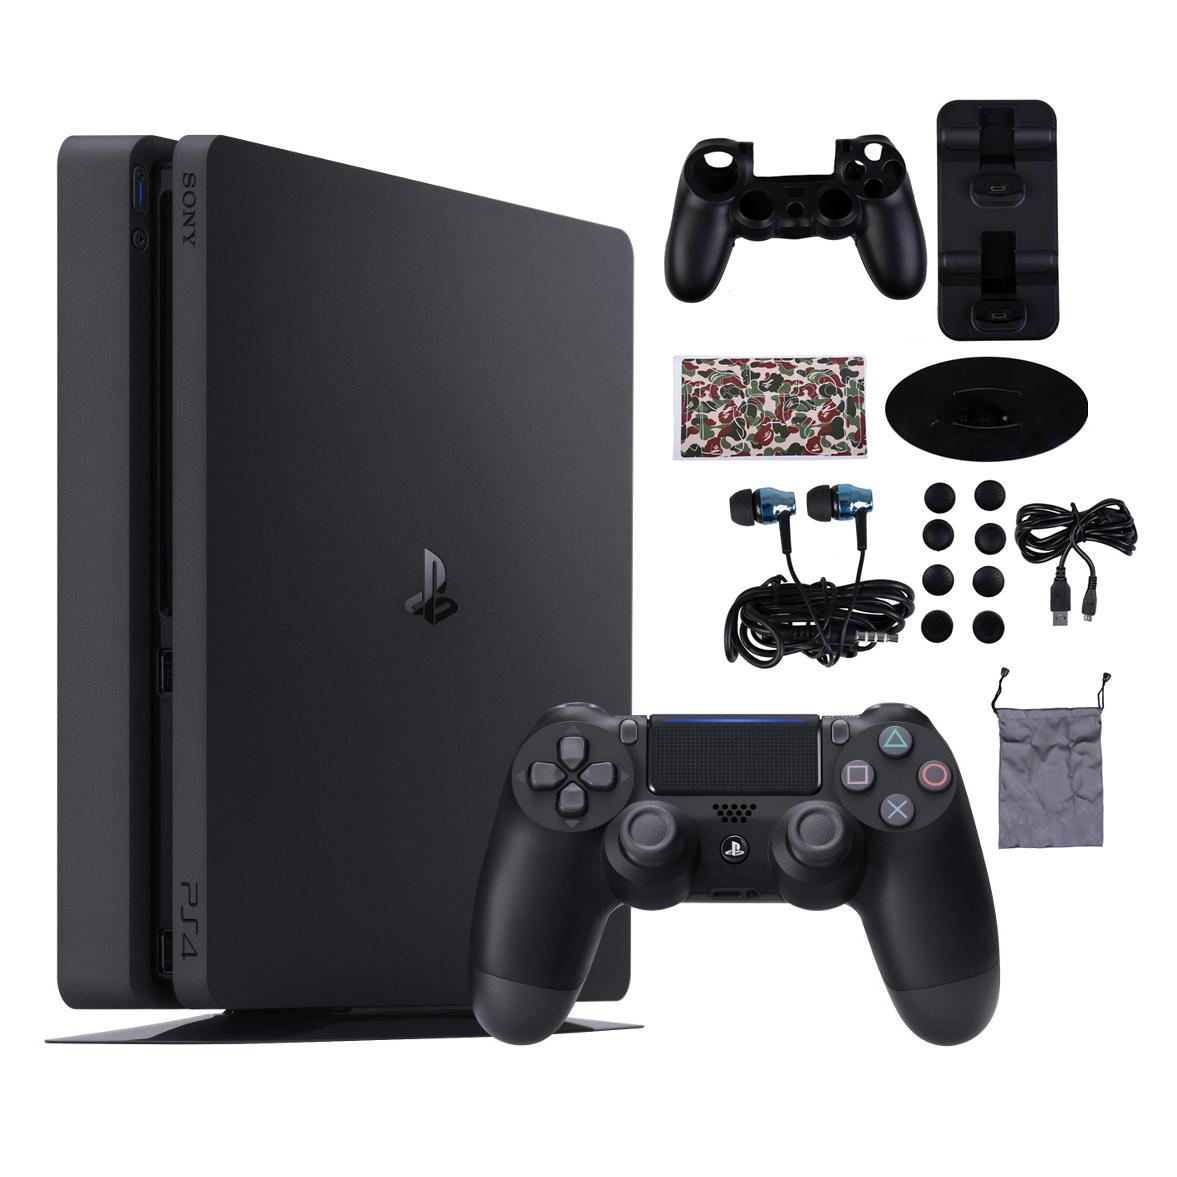 مجموعه کنسول بازی سونی مدل Playstation 4 Slim کد Region 2 CUH-2216A ظرفیت 500 گیگابایت